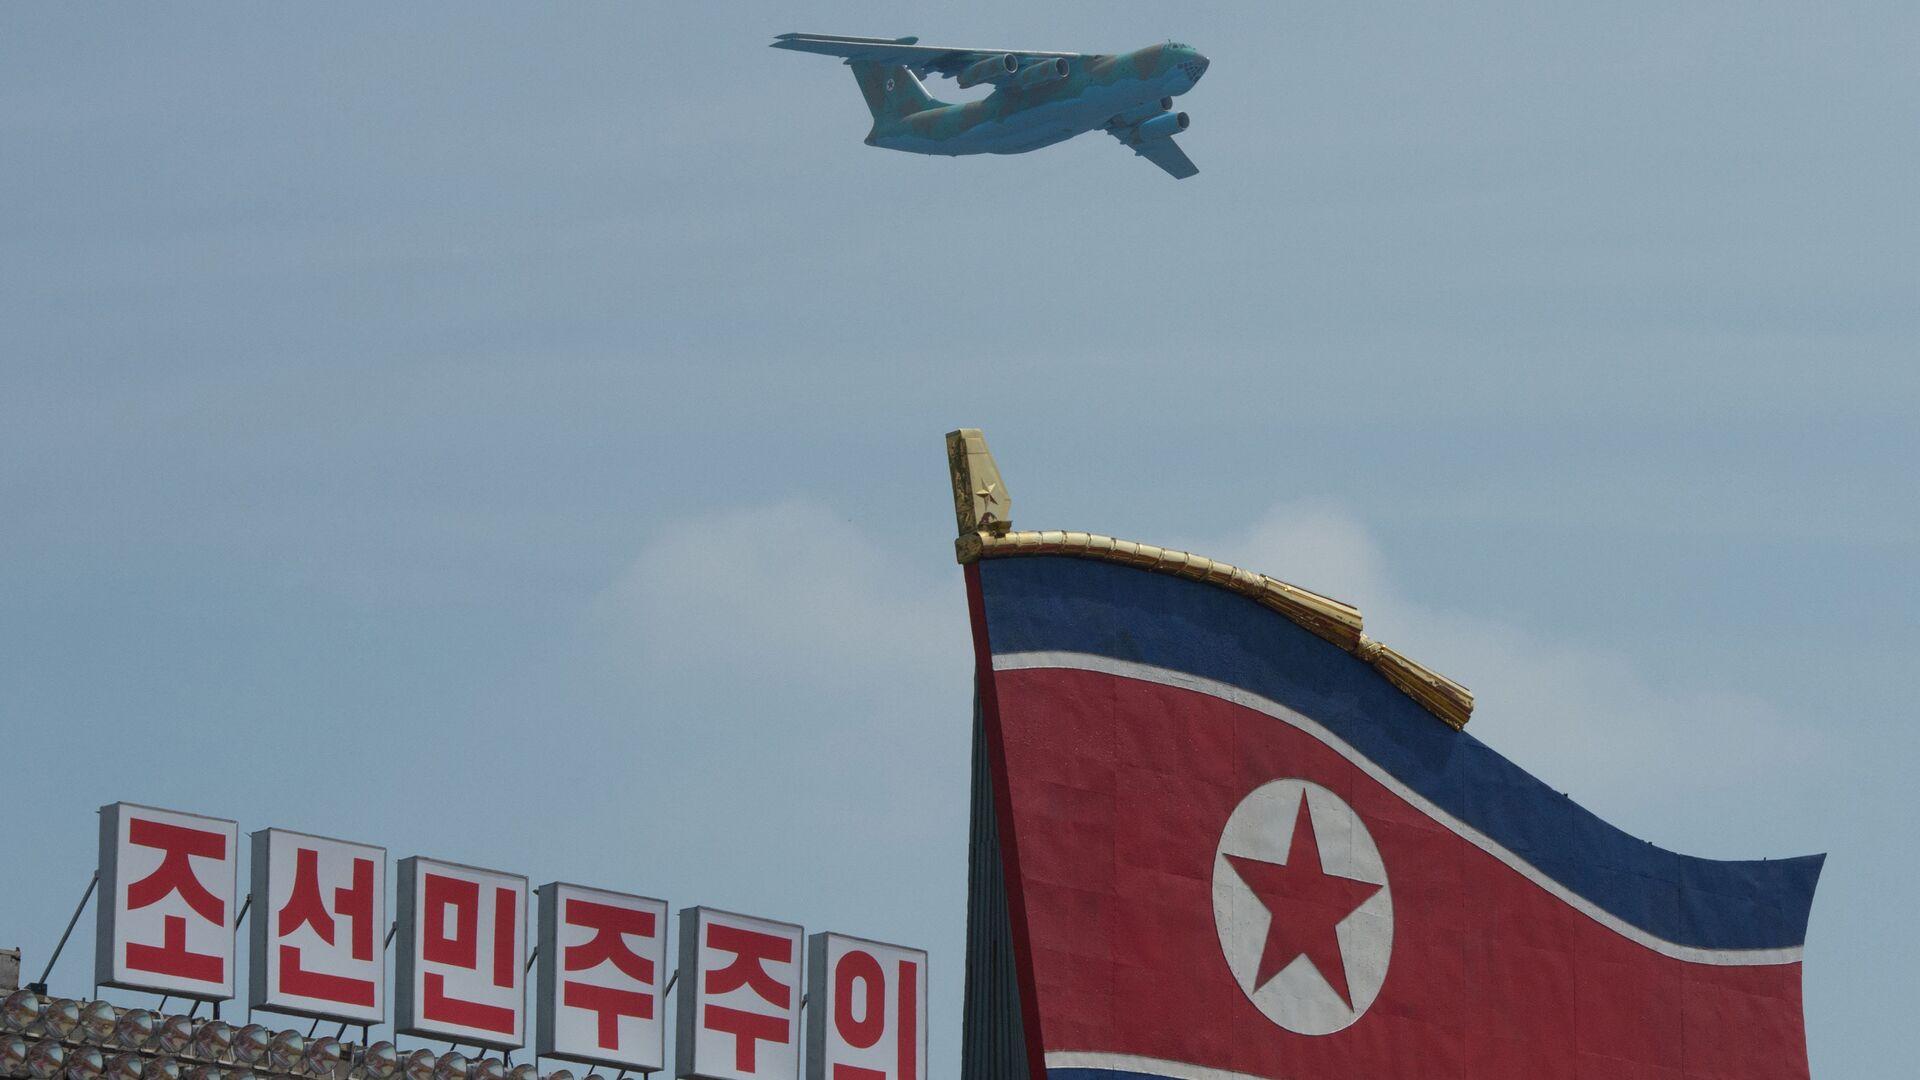 КНДР отмечает 60-ю годовщину окончания Корейской войны - Sputnik Армения, 1920, 16.09.2021